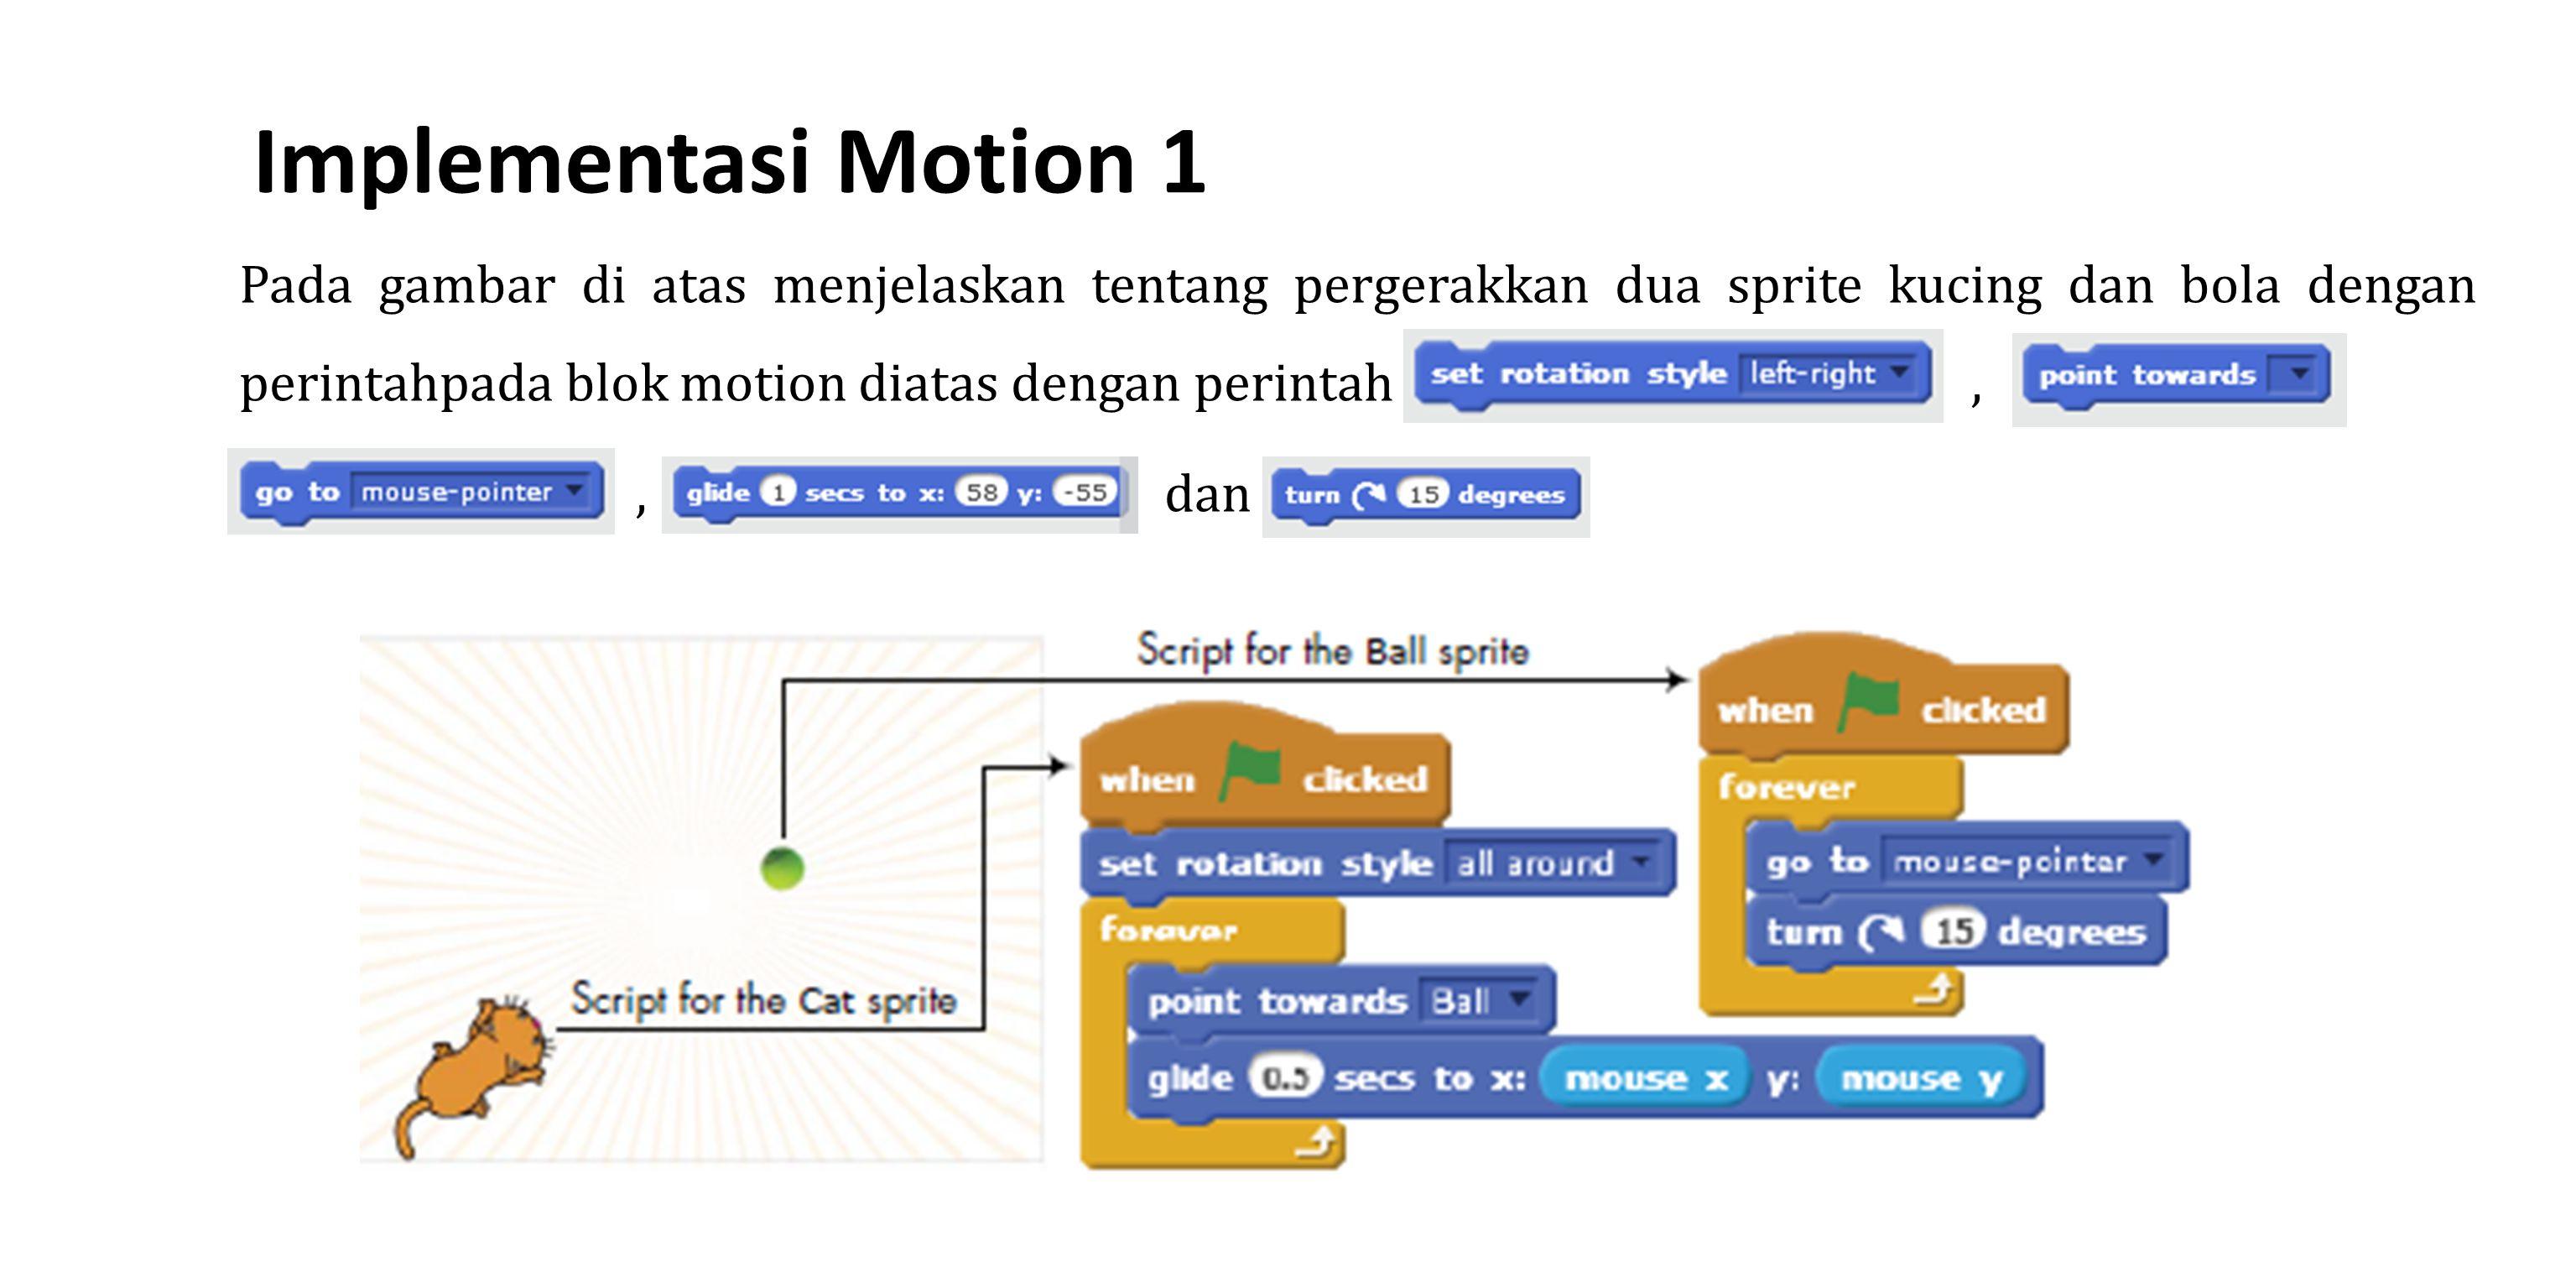 Implementasi Motion 1 Pada gambar di atas menjelaskan tentang pergerakkan dua sprite kucing dan bola dengan perintahpada blok motion diatas dengan per